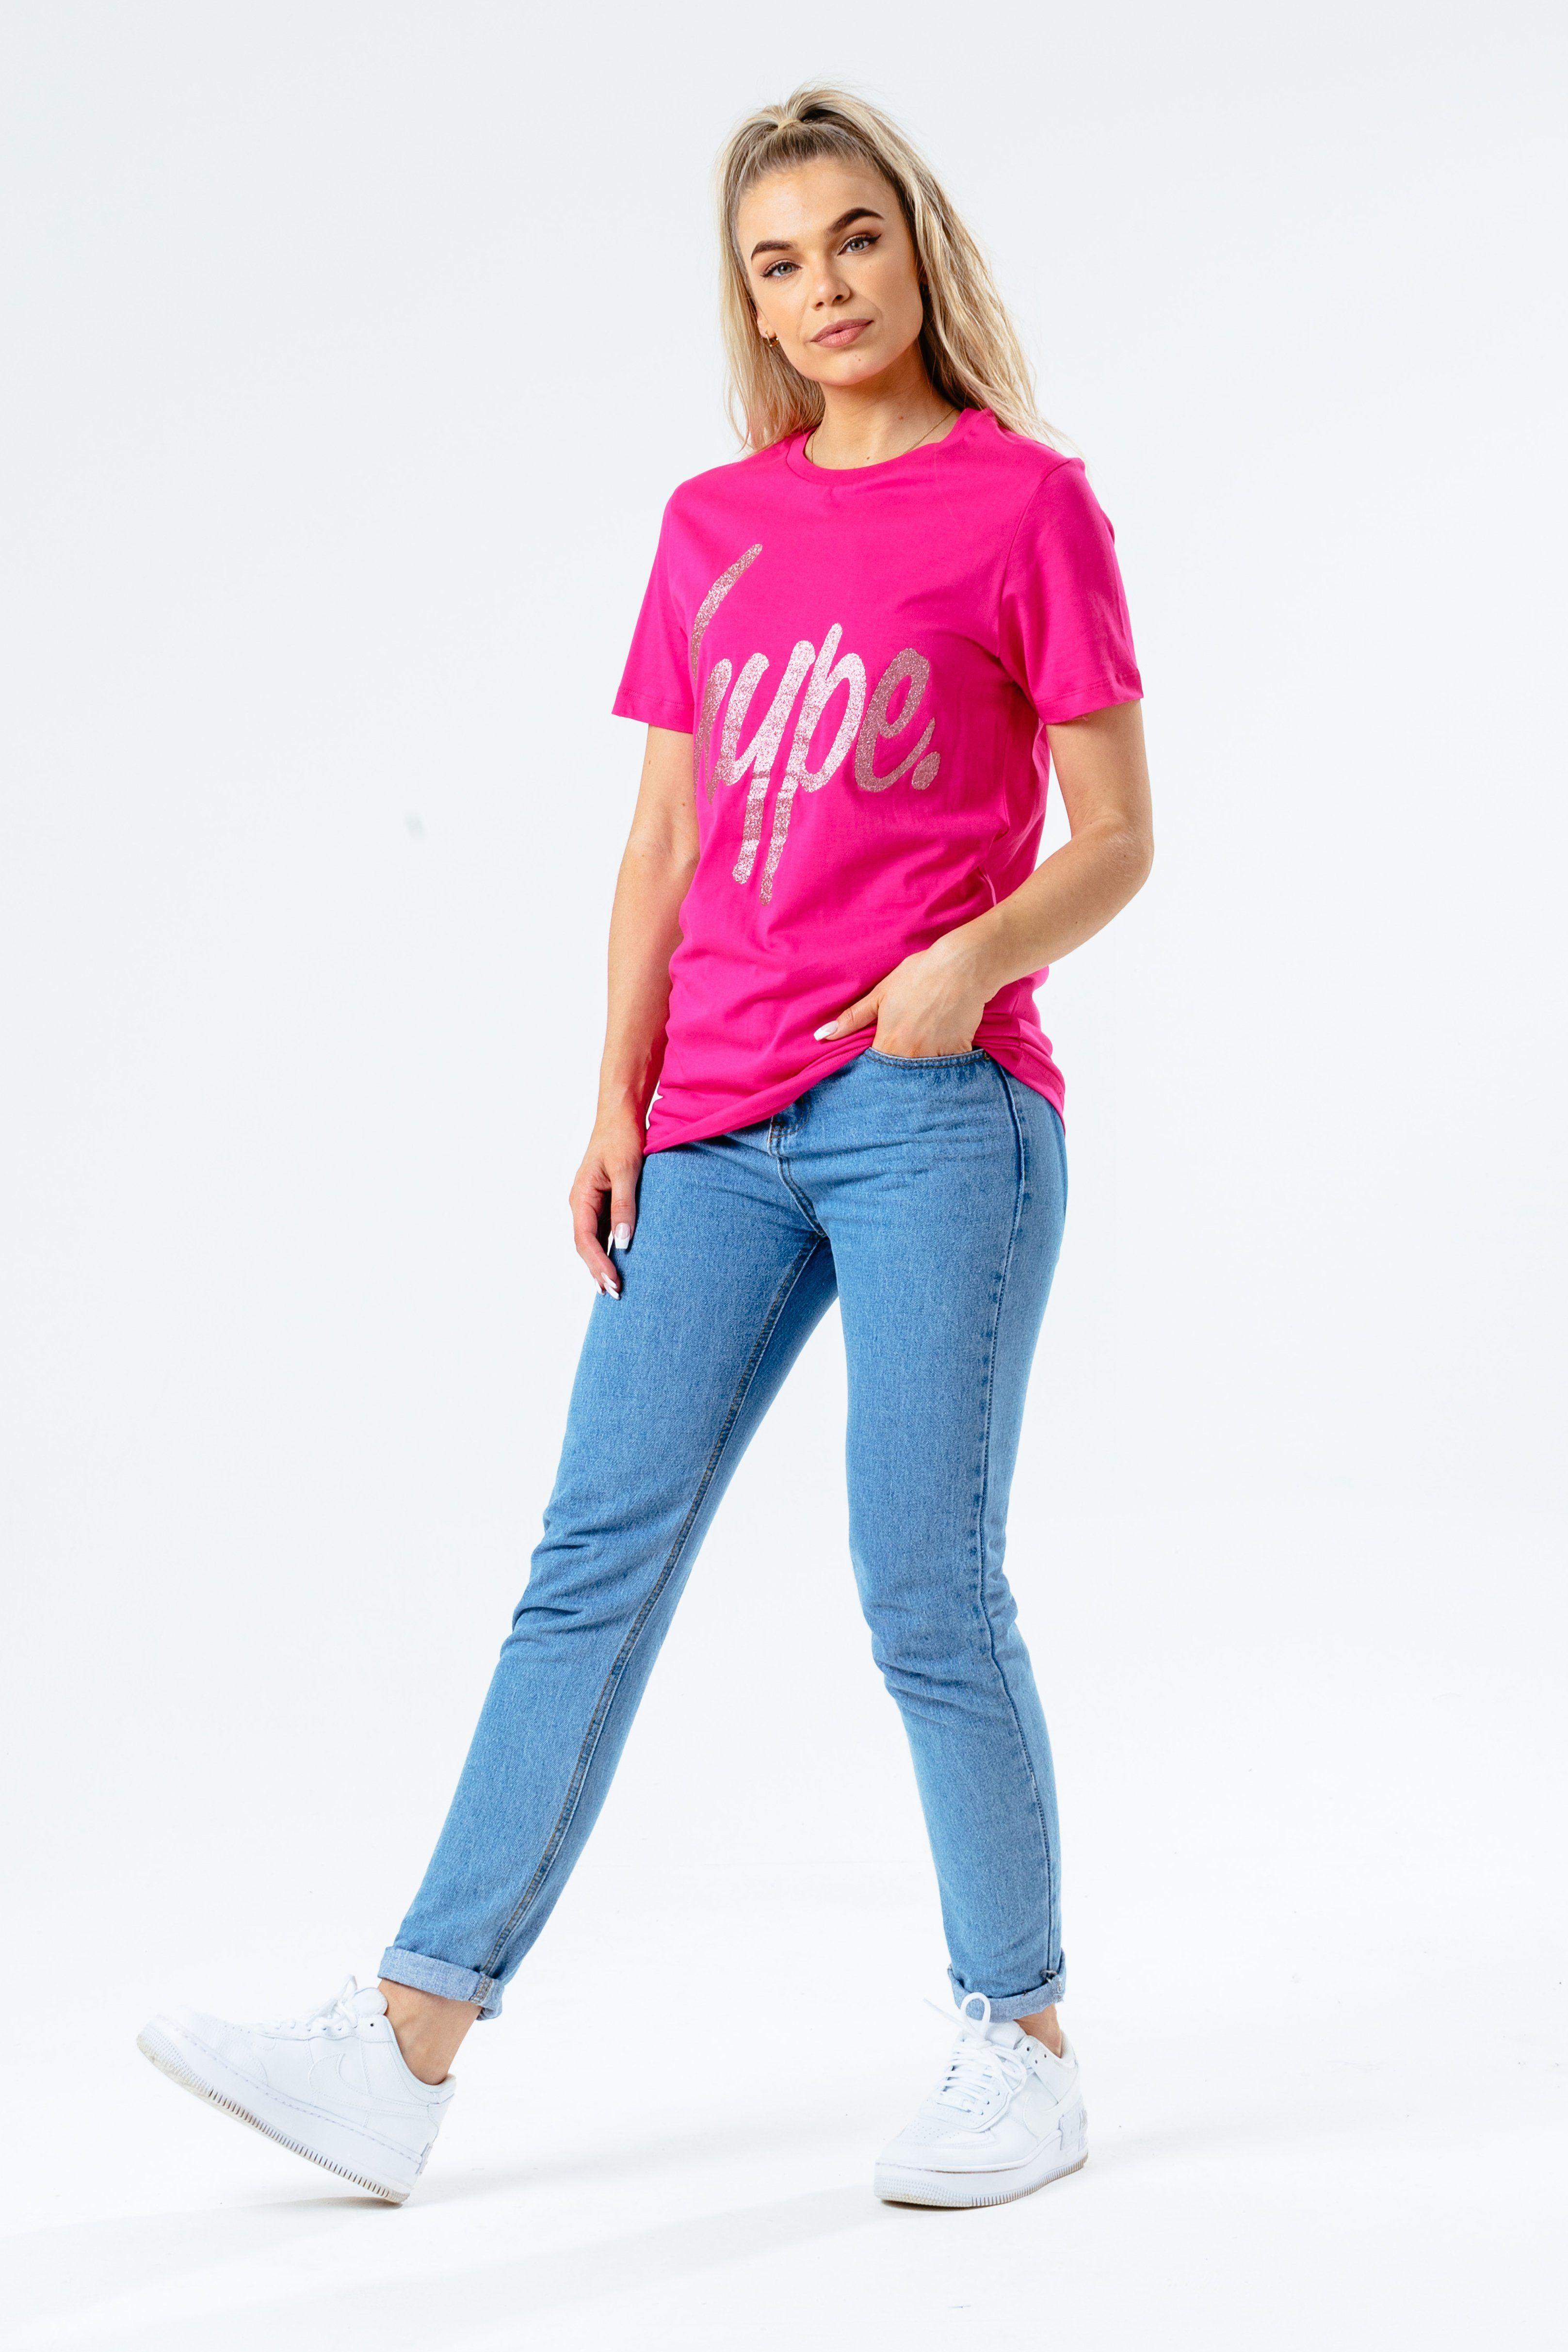 HYPE PINK GLITTER SCRIPT WOMEN'S T-SHIRT